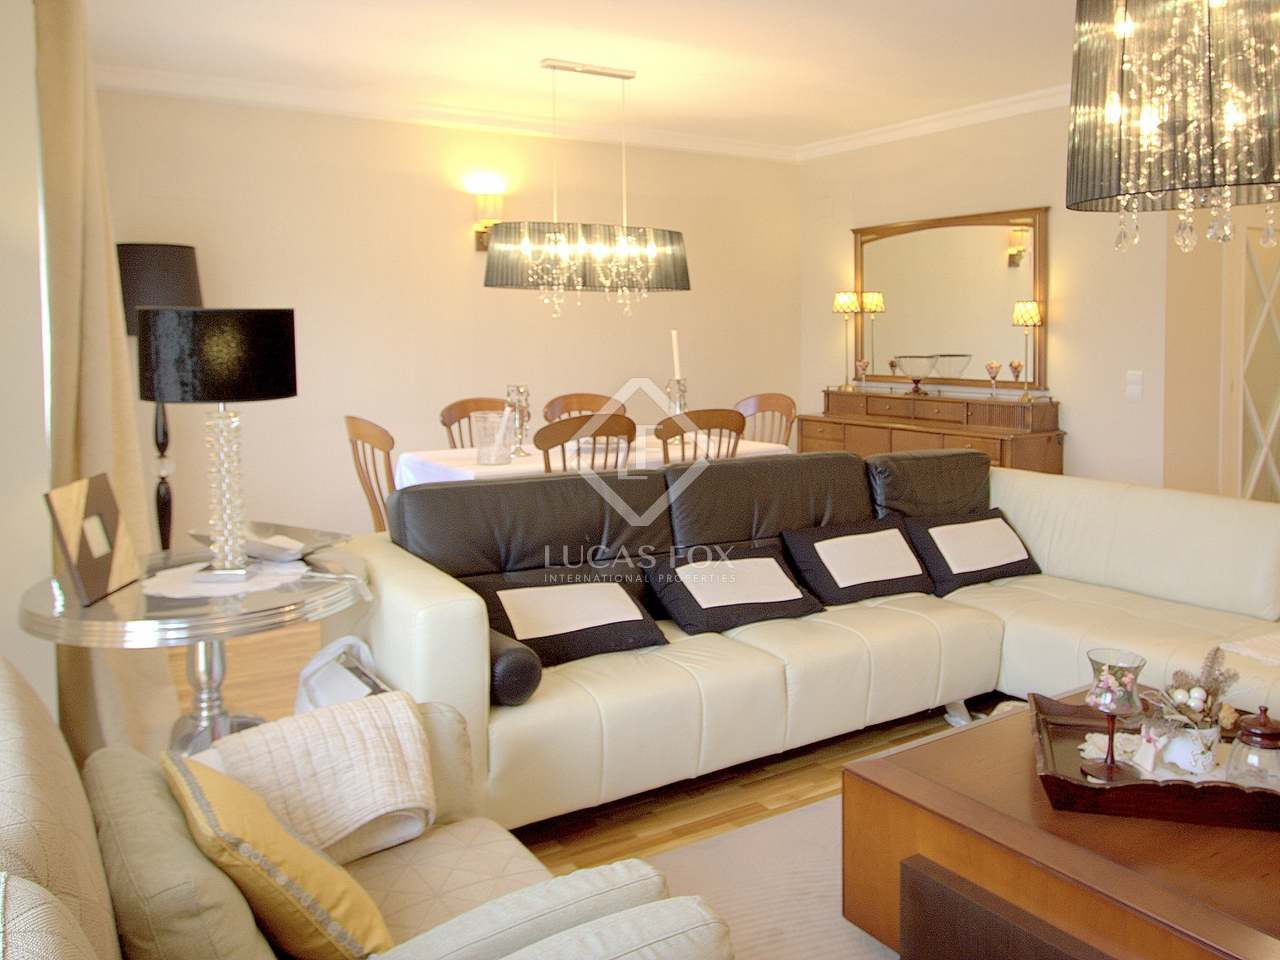 Appartement chic en vente dans le quartier de l 39 eixample - Belle maison valencia tucson fratantoni design ...